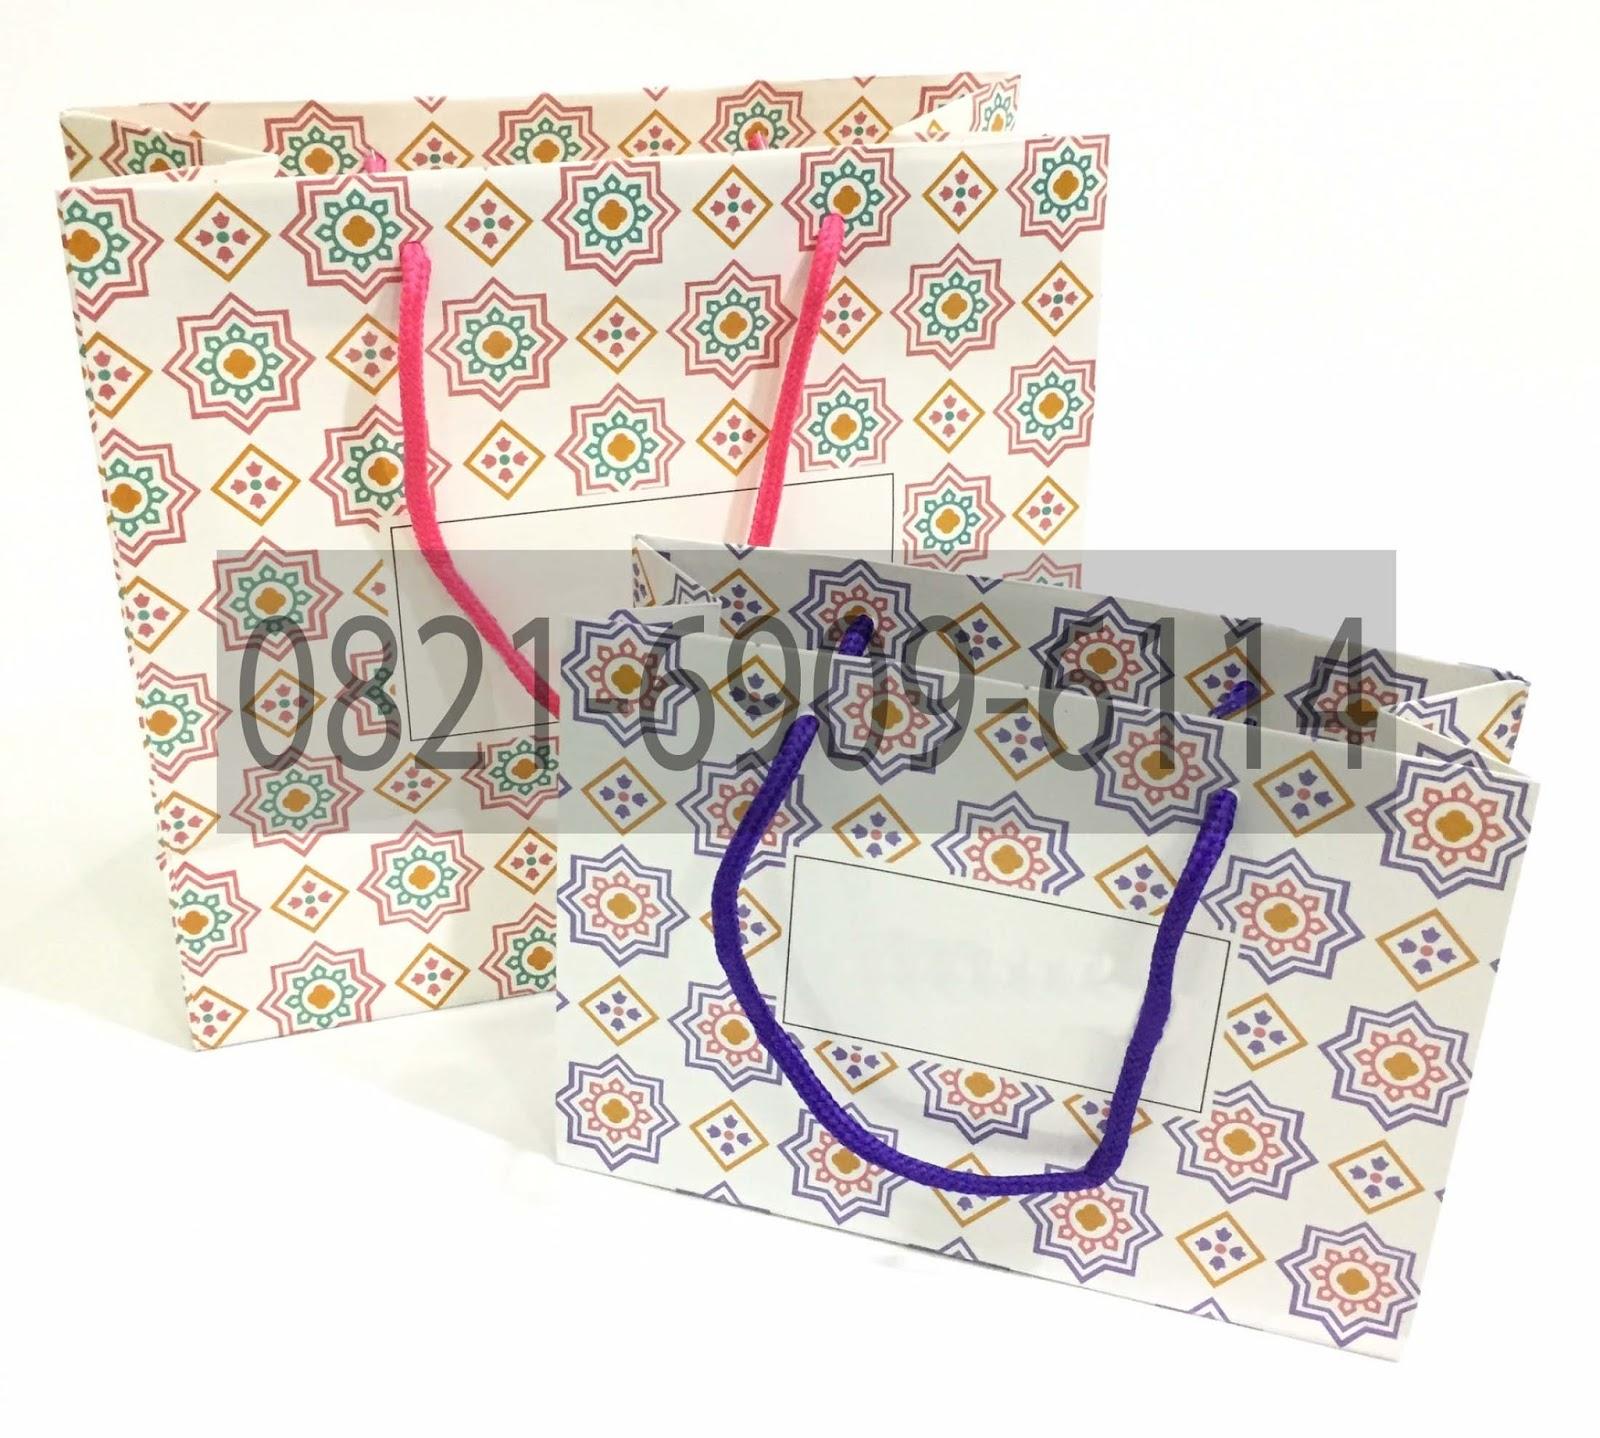 Harga Jasa Desain Menu Restoran: Cetak Shopping Bag Paper Bag Murah Rawamangun